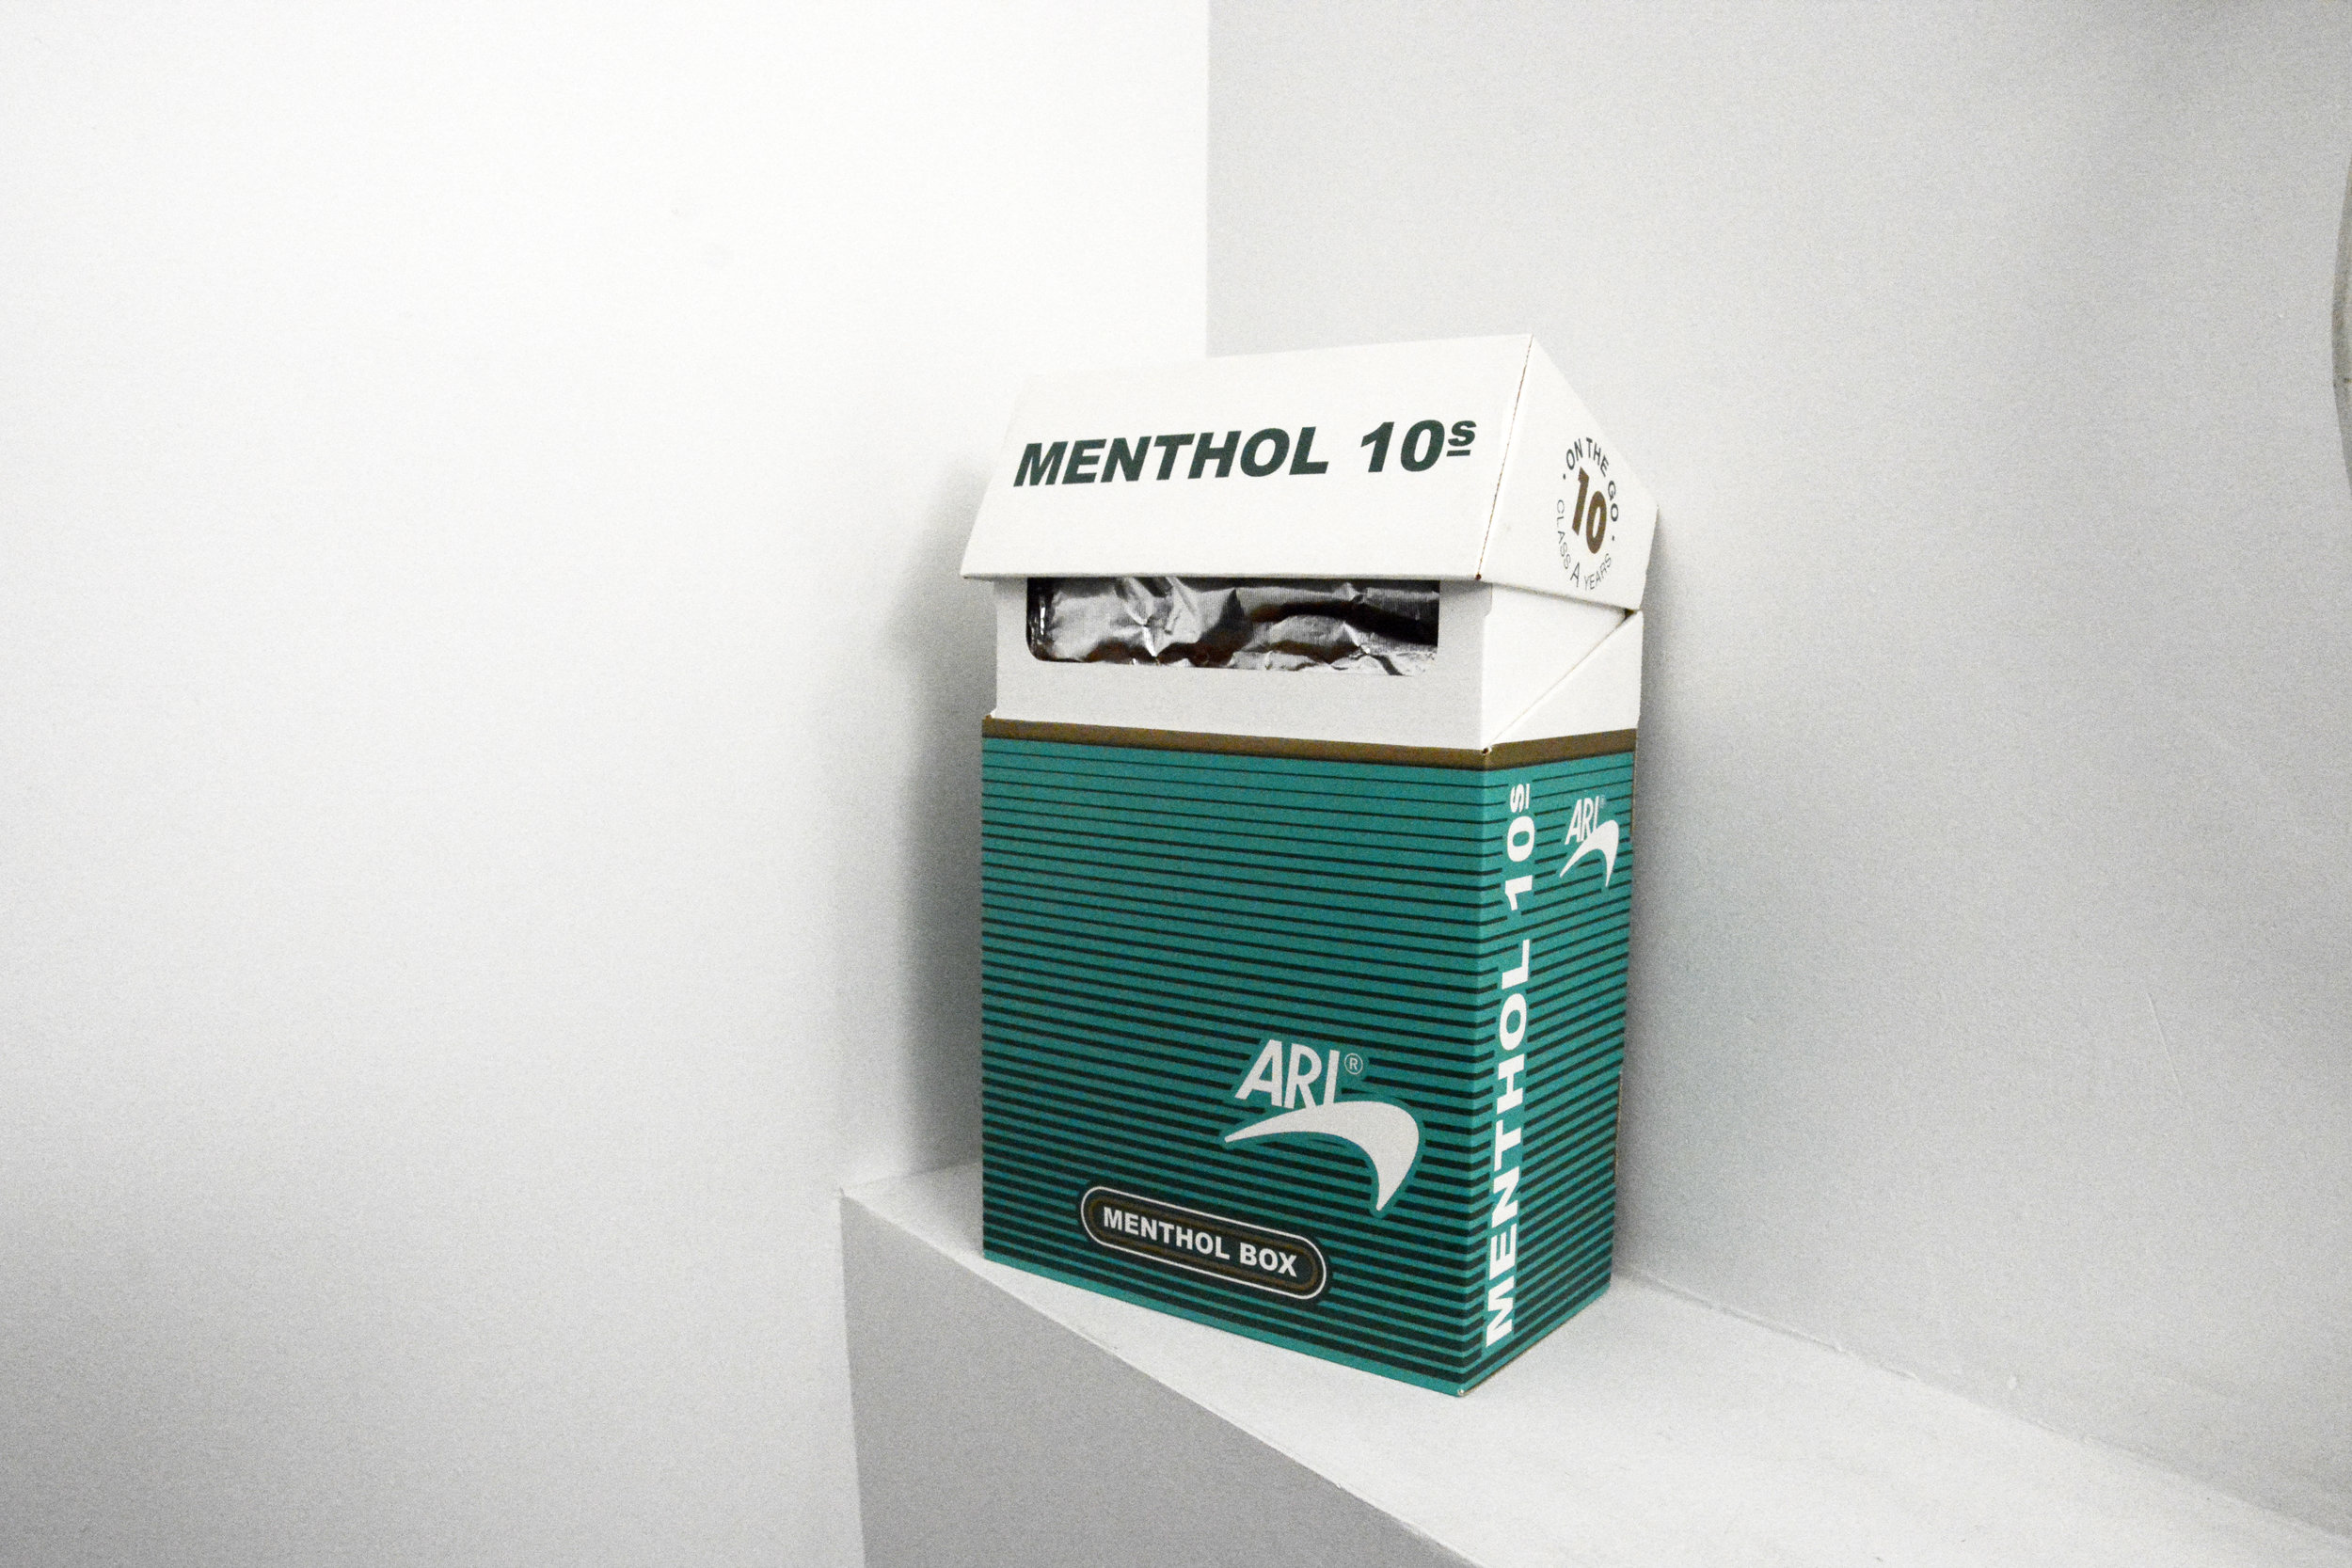 Menthol 10s Box.jpg